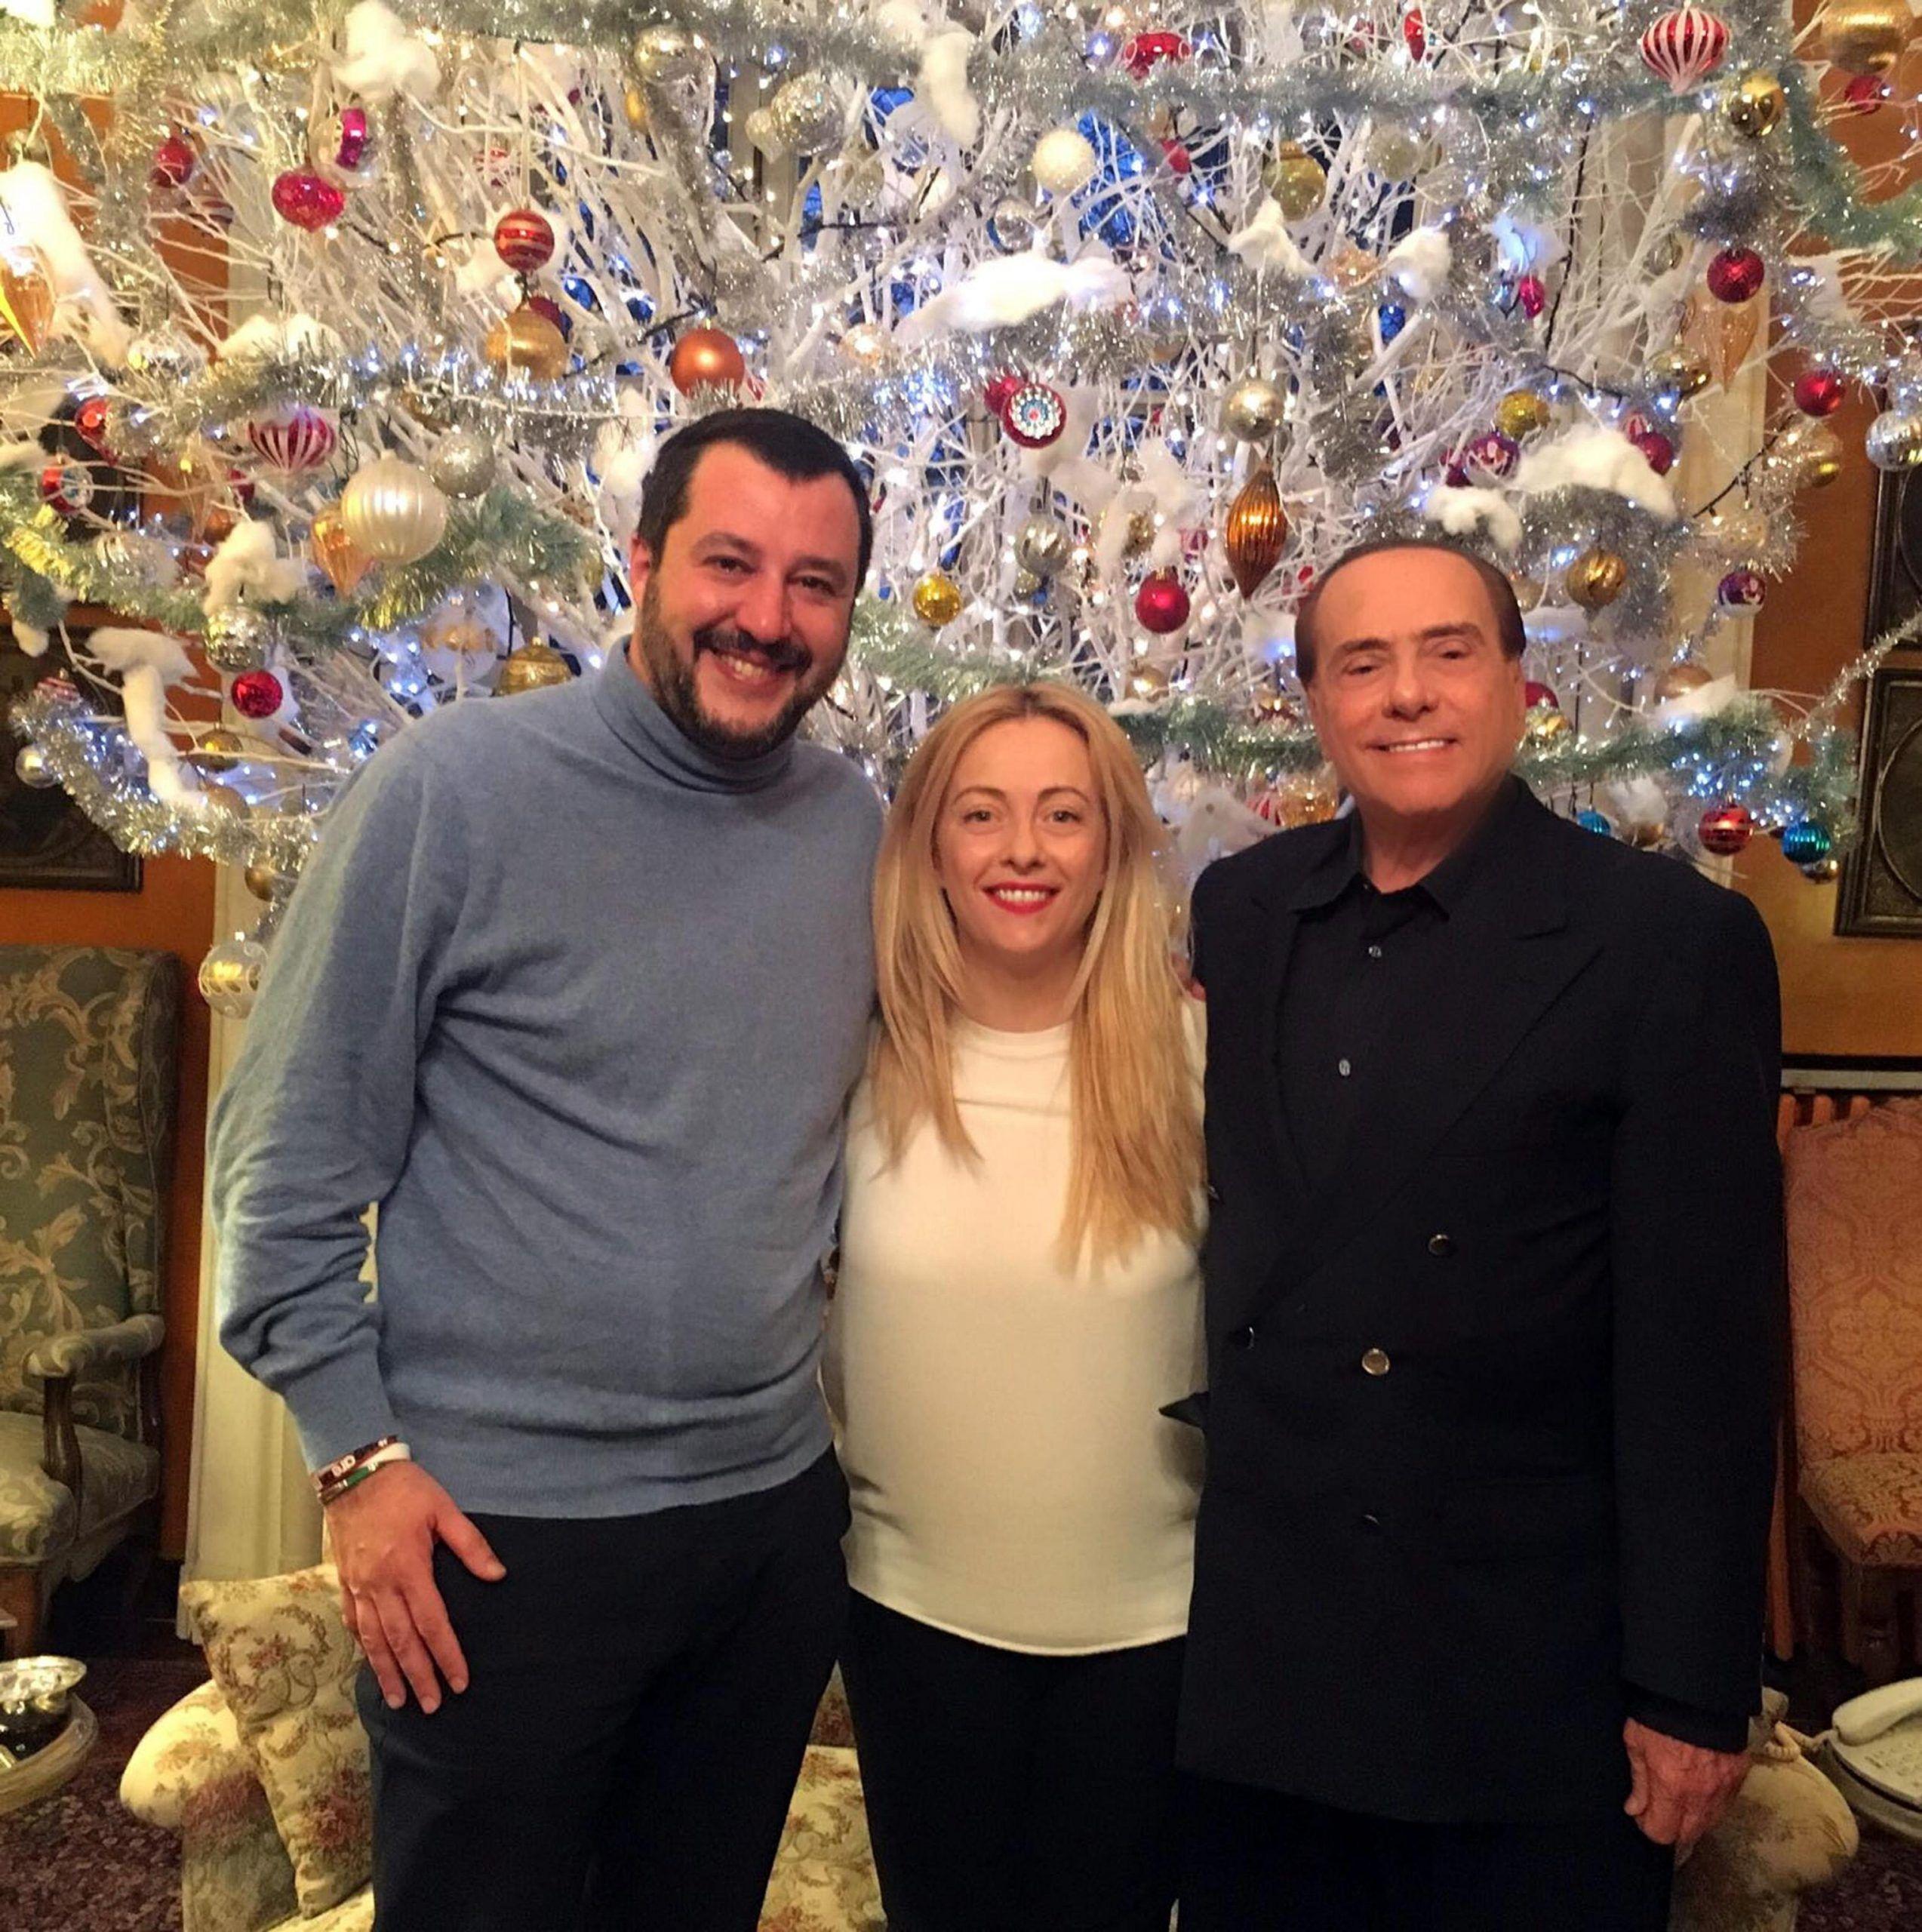 Patto di arcore: Berlusconi, Salvini, Meloni